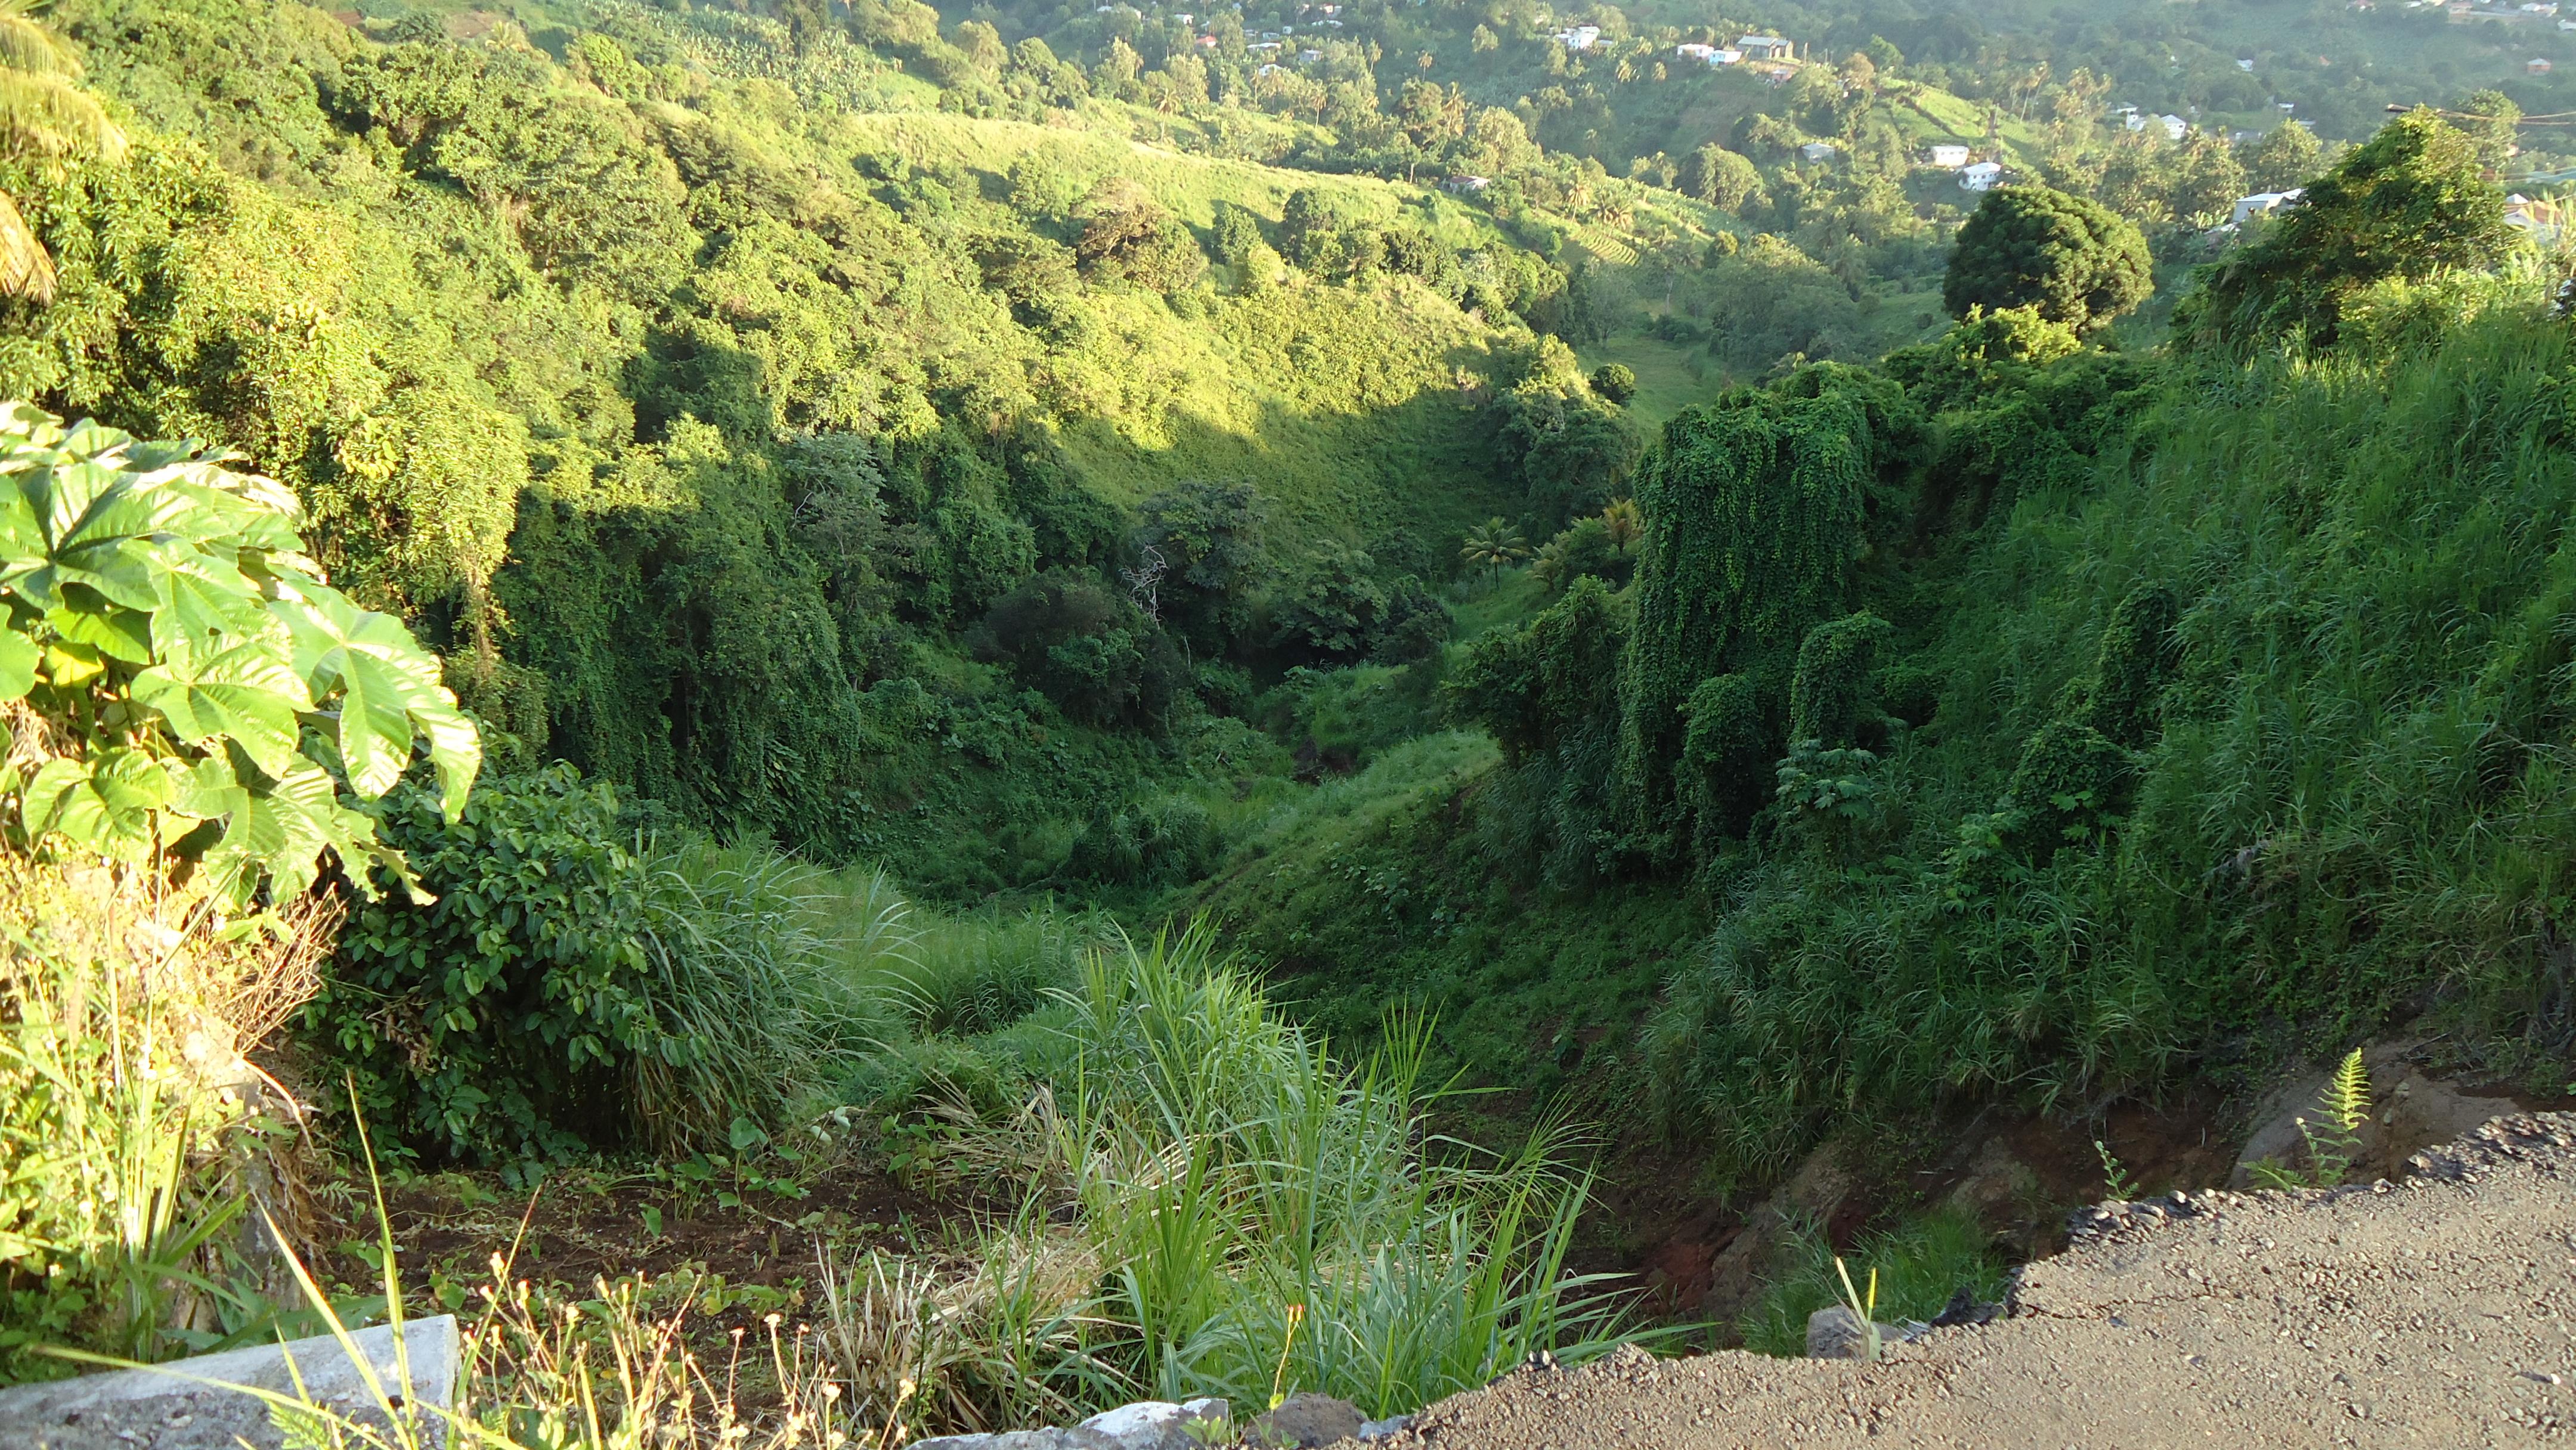 Image result for vegetation for landslide risk